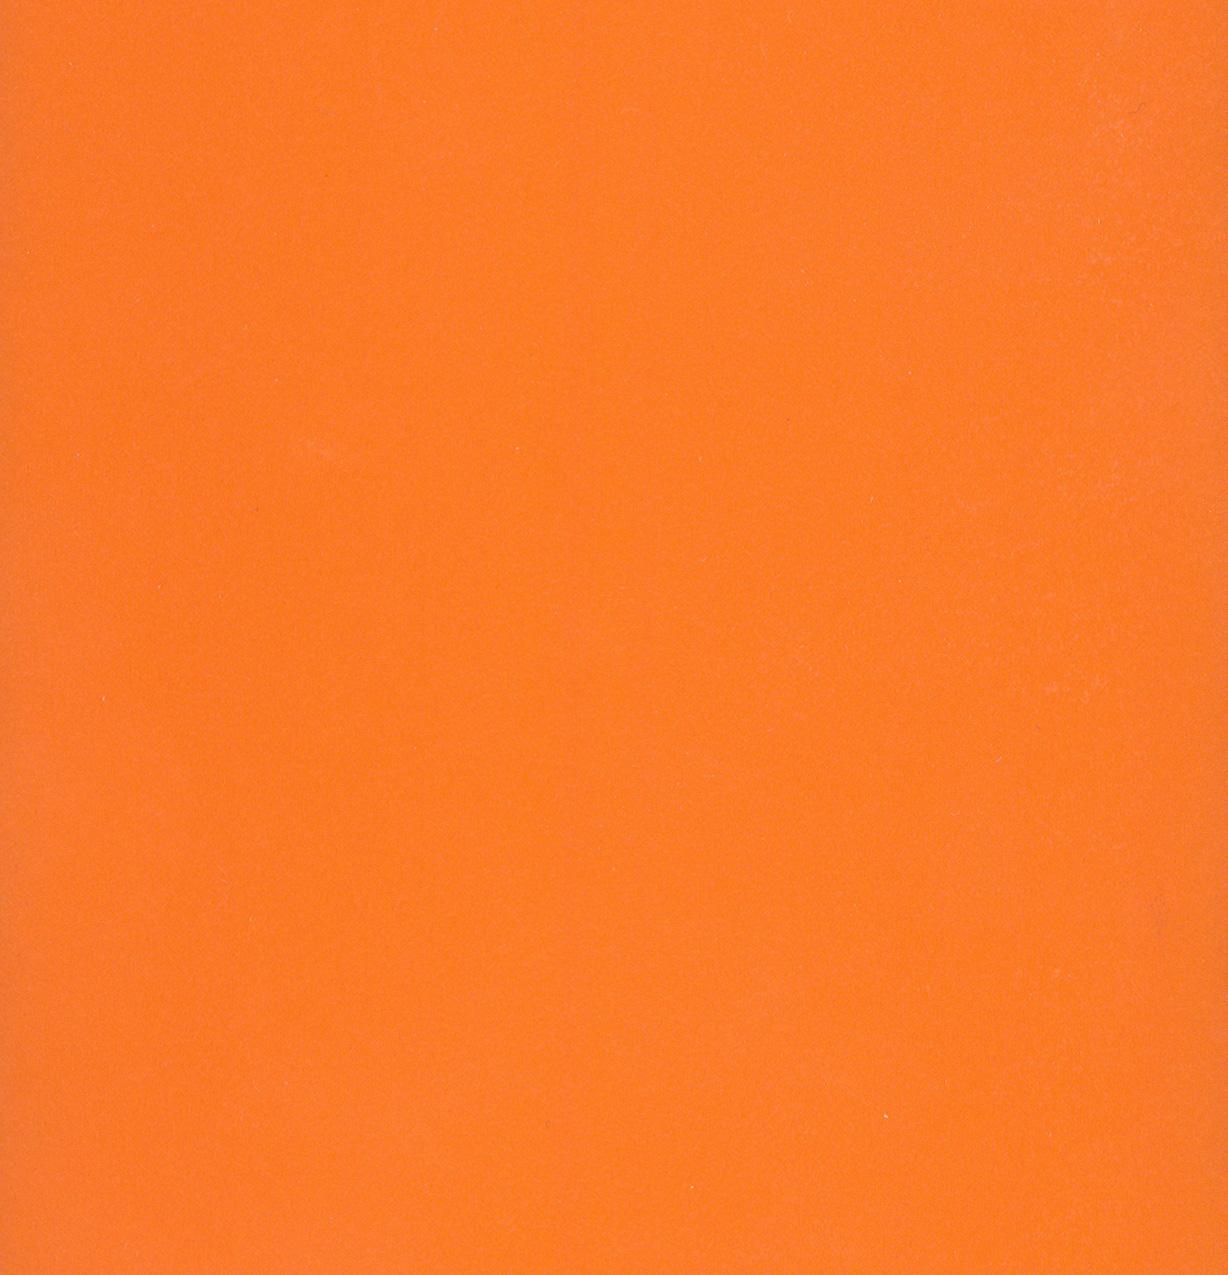 oranžová 332